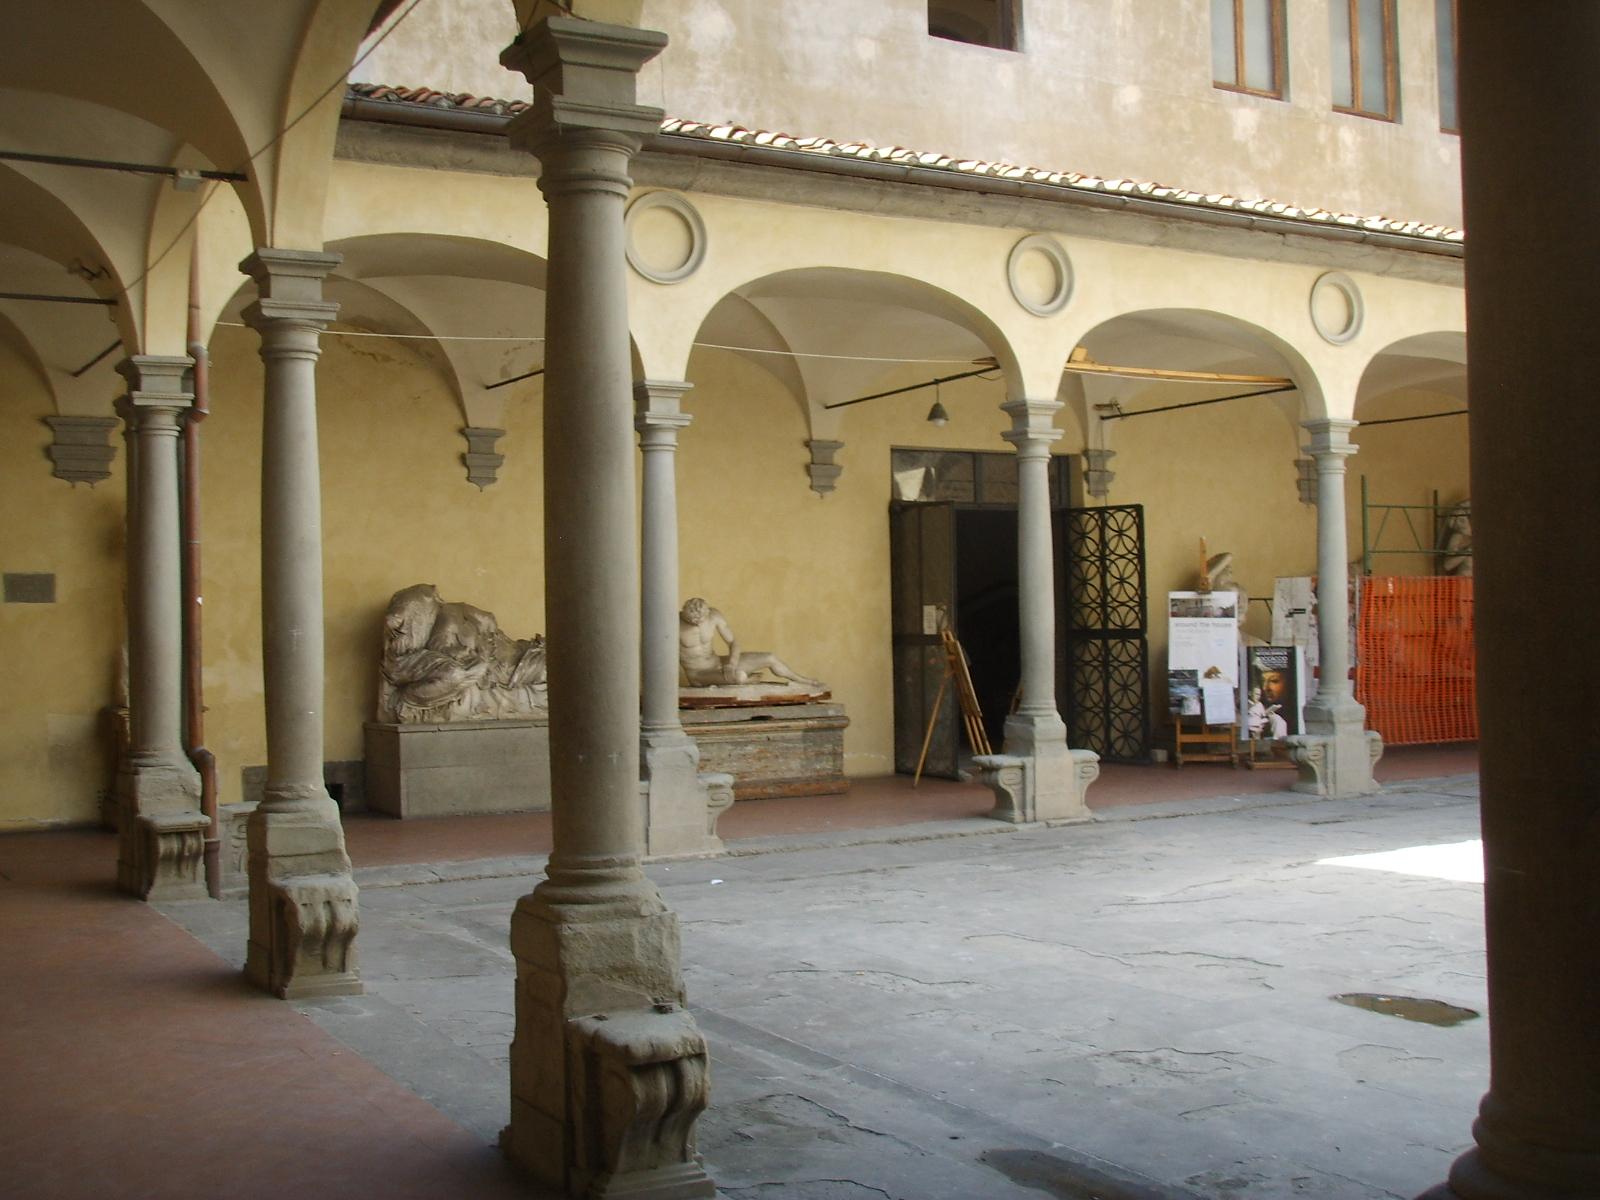 File accademia di belle arti cortile 01 jpg wikimedia for Accademia belle arti design